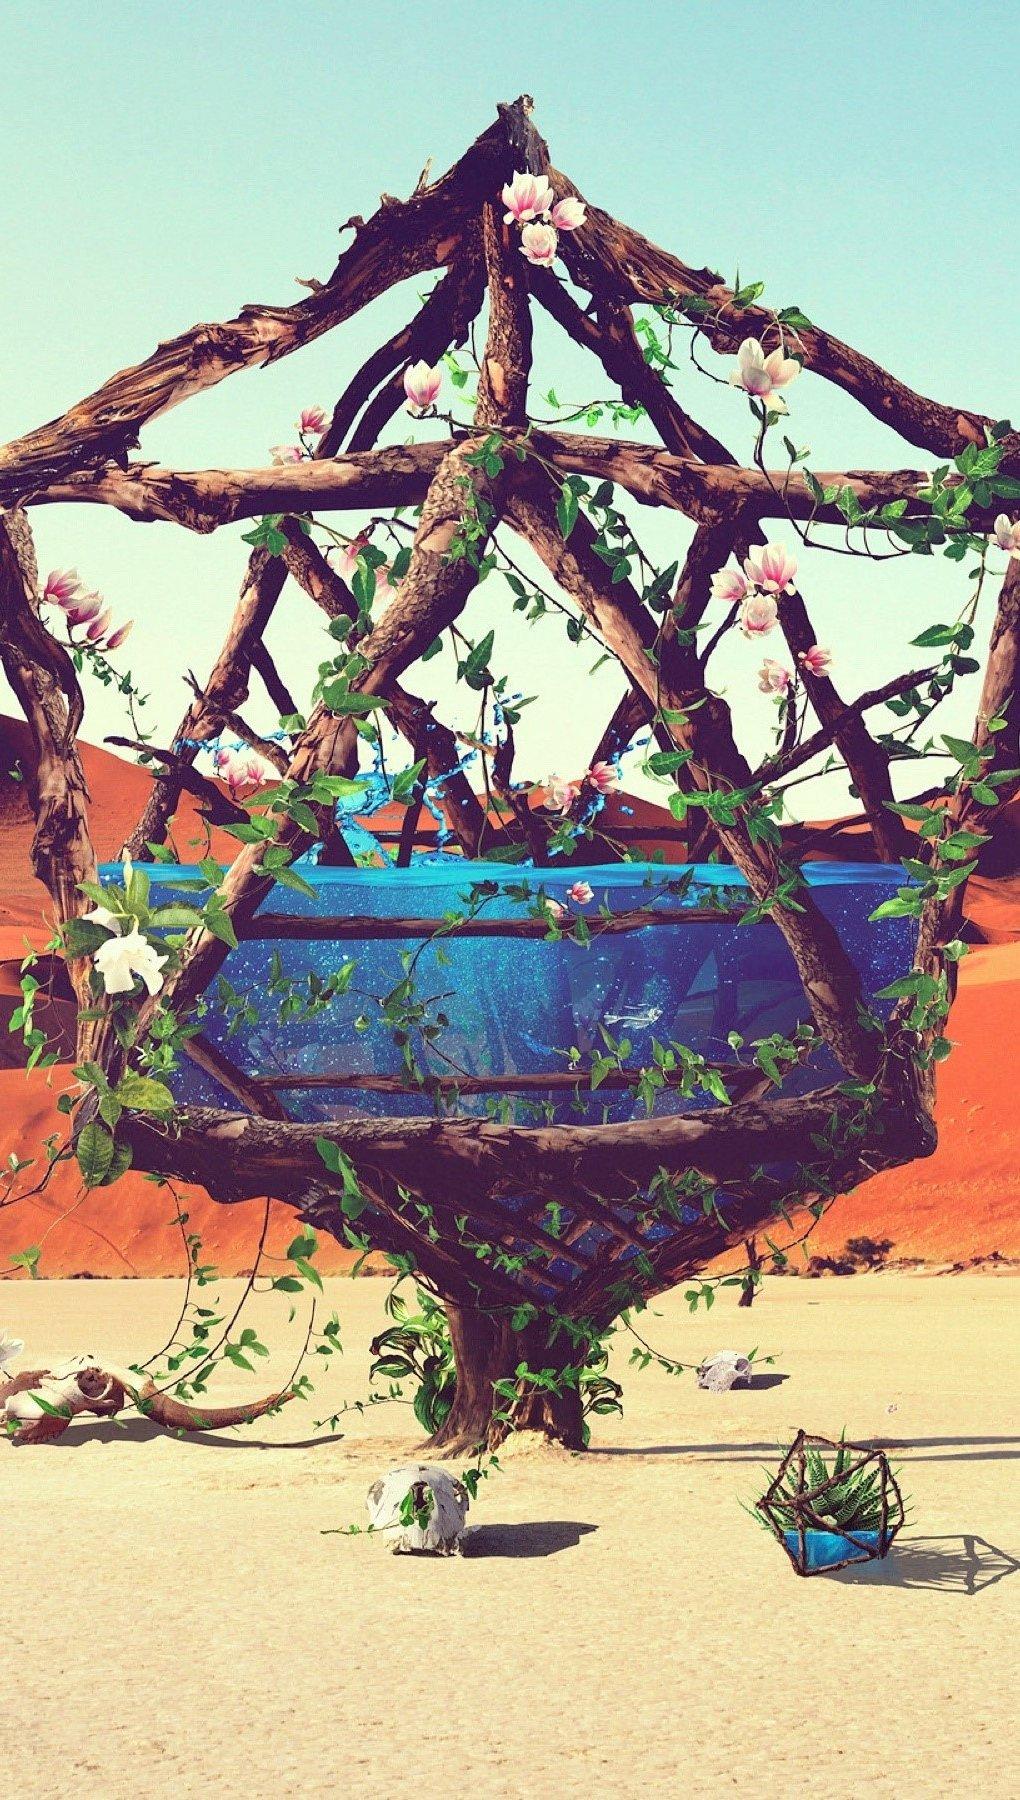 Wallpaper Life in the desert Vertical